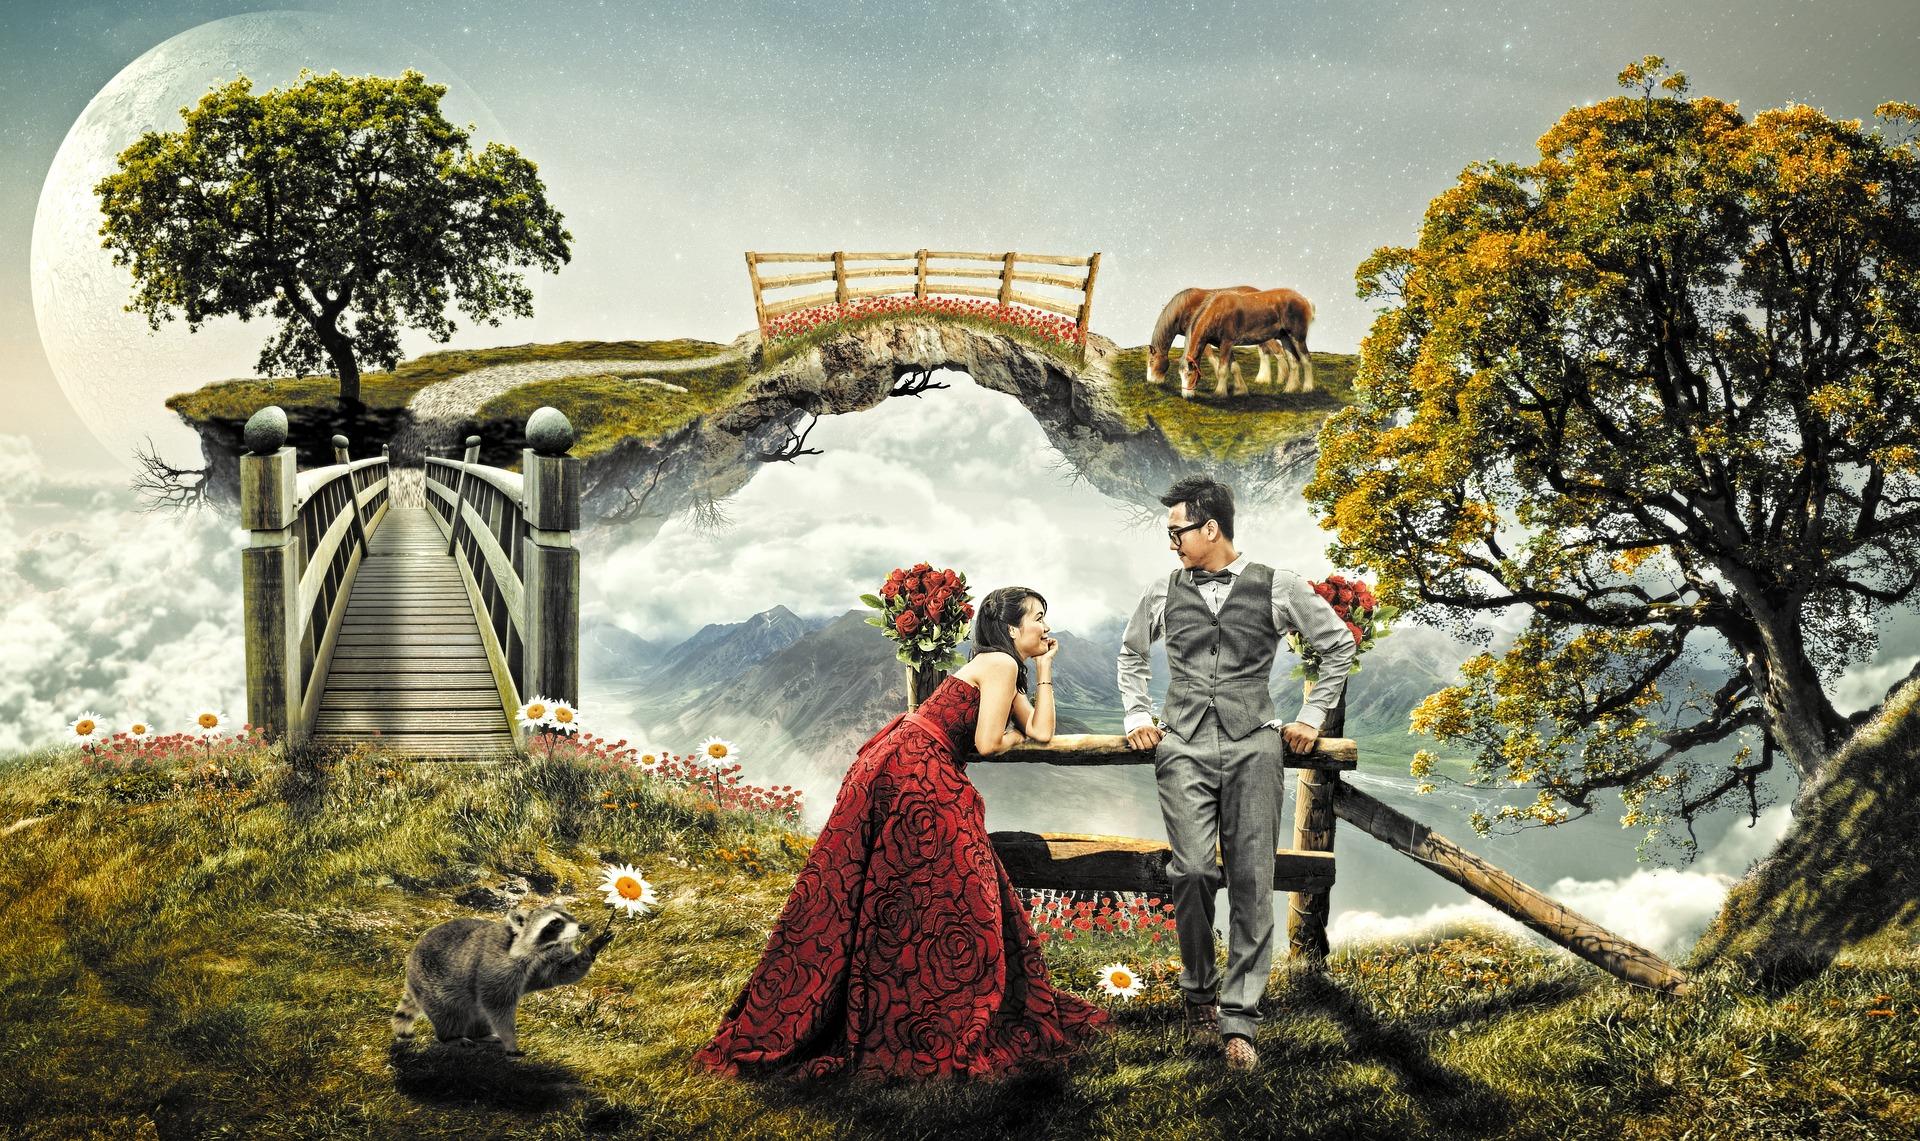 fantasy-2521221_1920.jpg